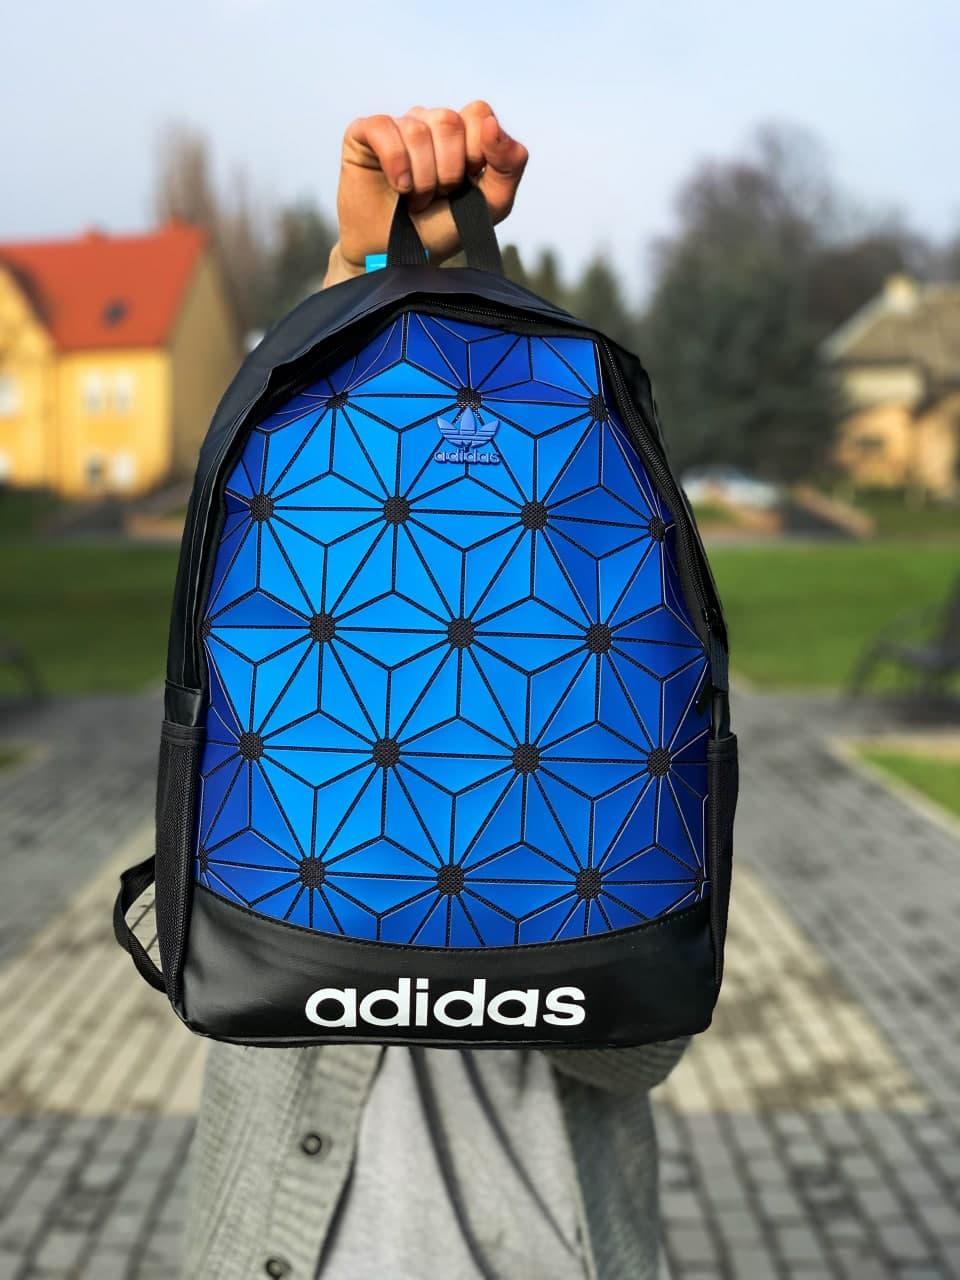 Рюкзак Adidas 3D синий Адидас стильный городской спортивный горный школьный новый